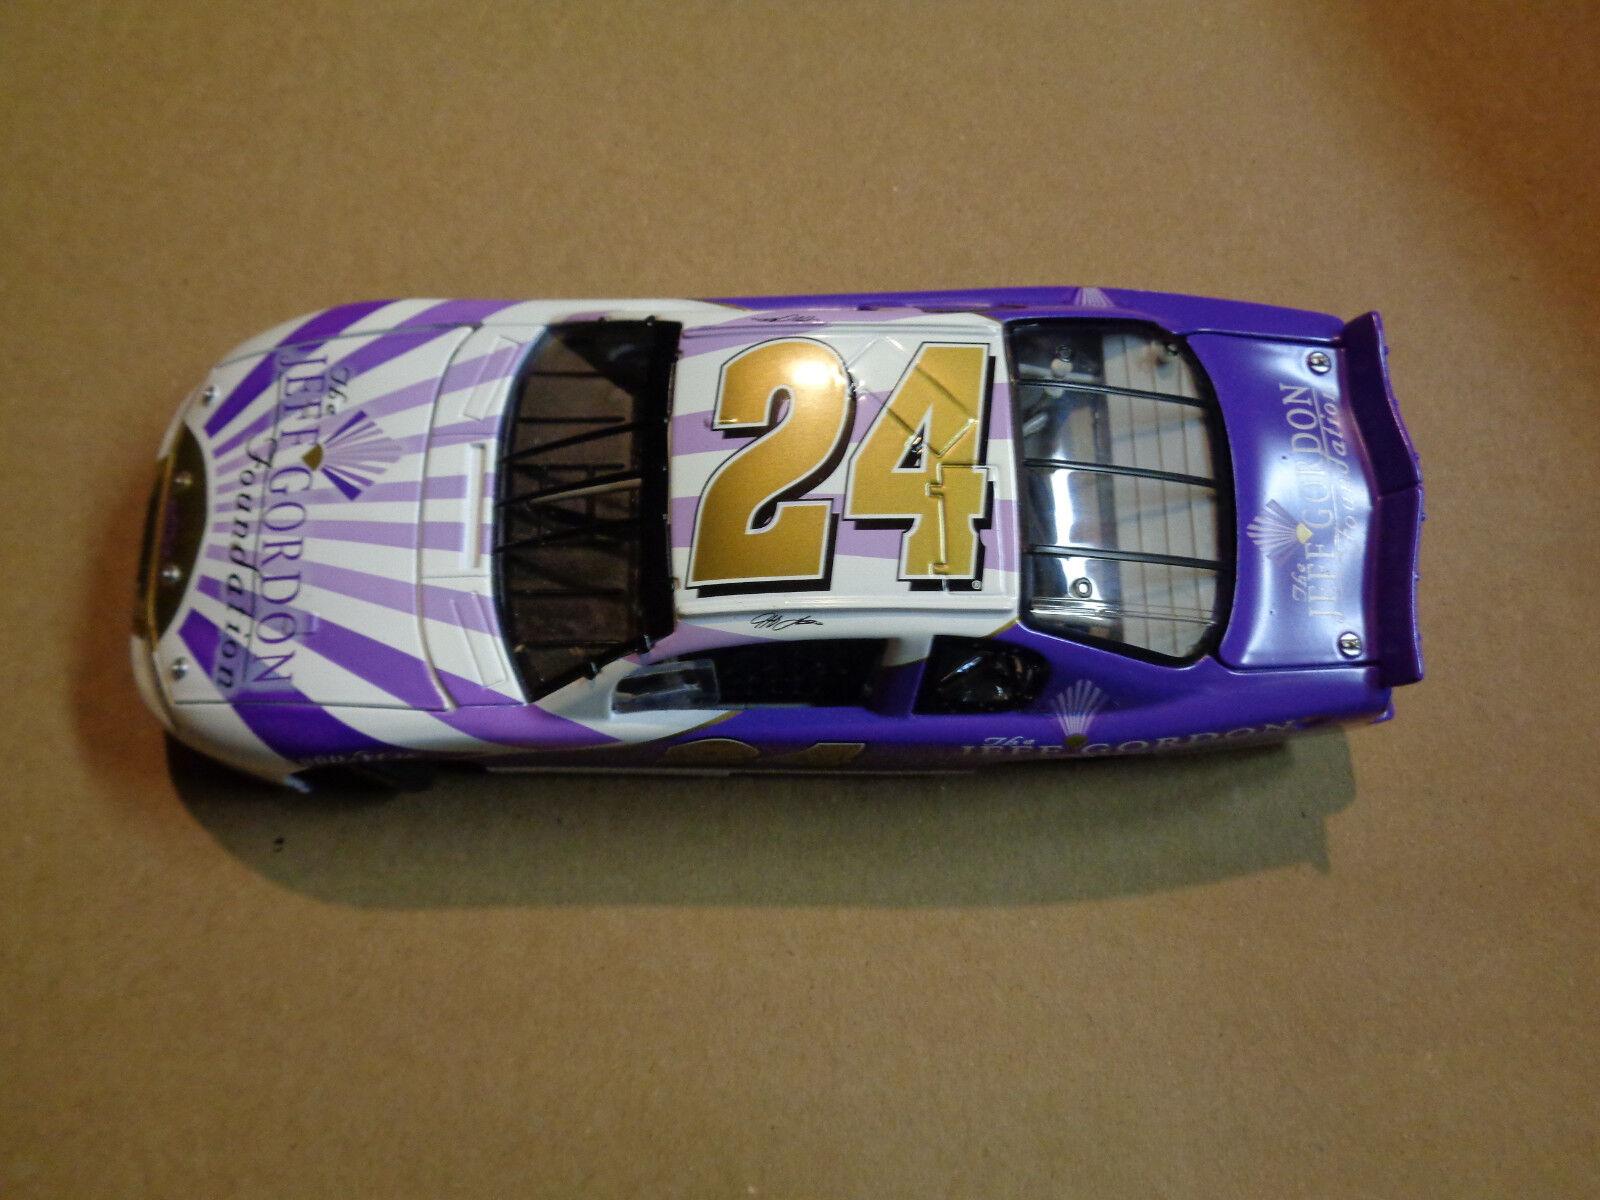 ahorra hasta un 70% Nuevo púrpuraa Y blancoo Jeff Gordon Gordon Gordon 2001 Monte Cochelo Fundación Diecast 1 24 Race Coche  punto de venta barato